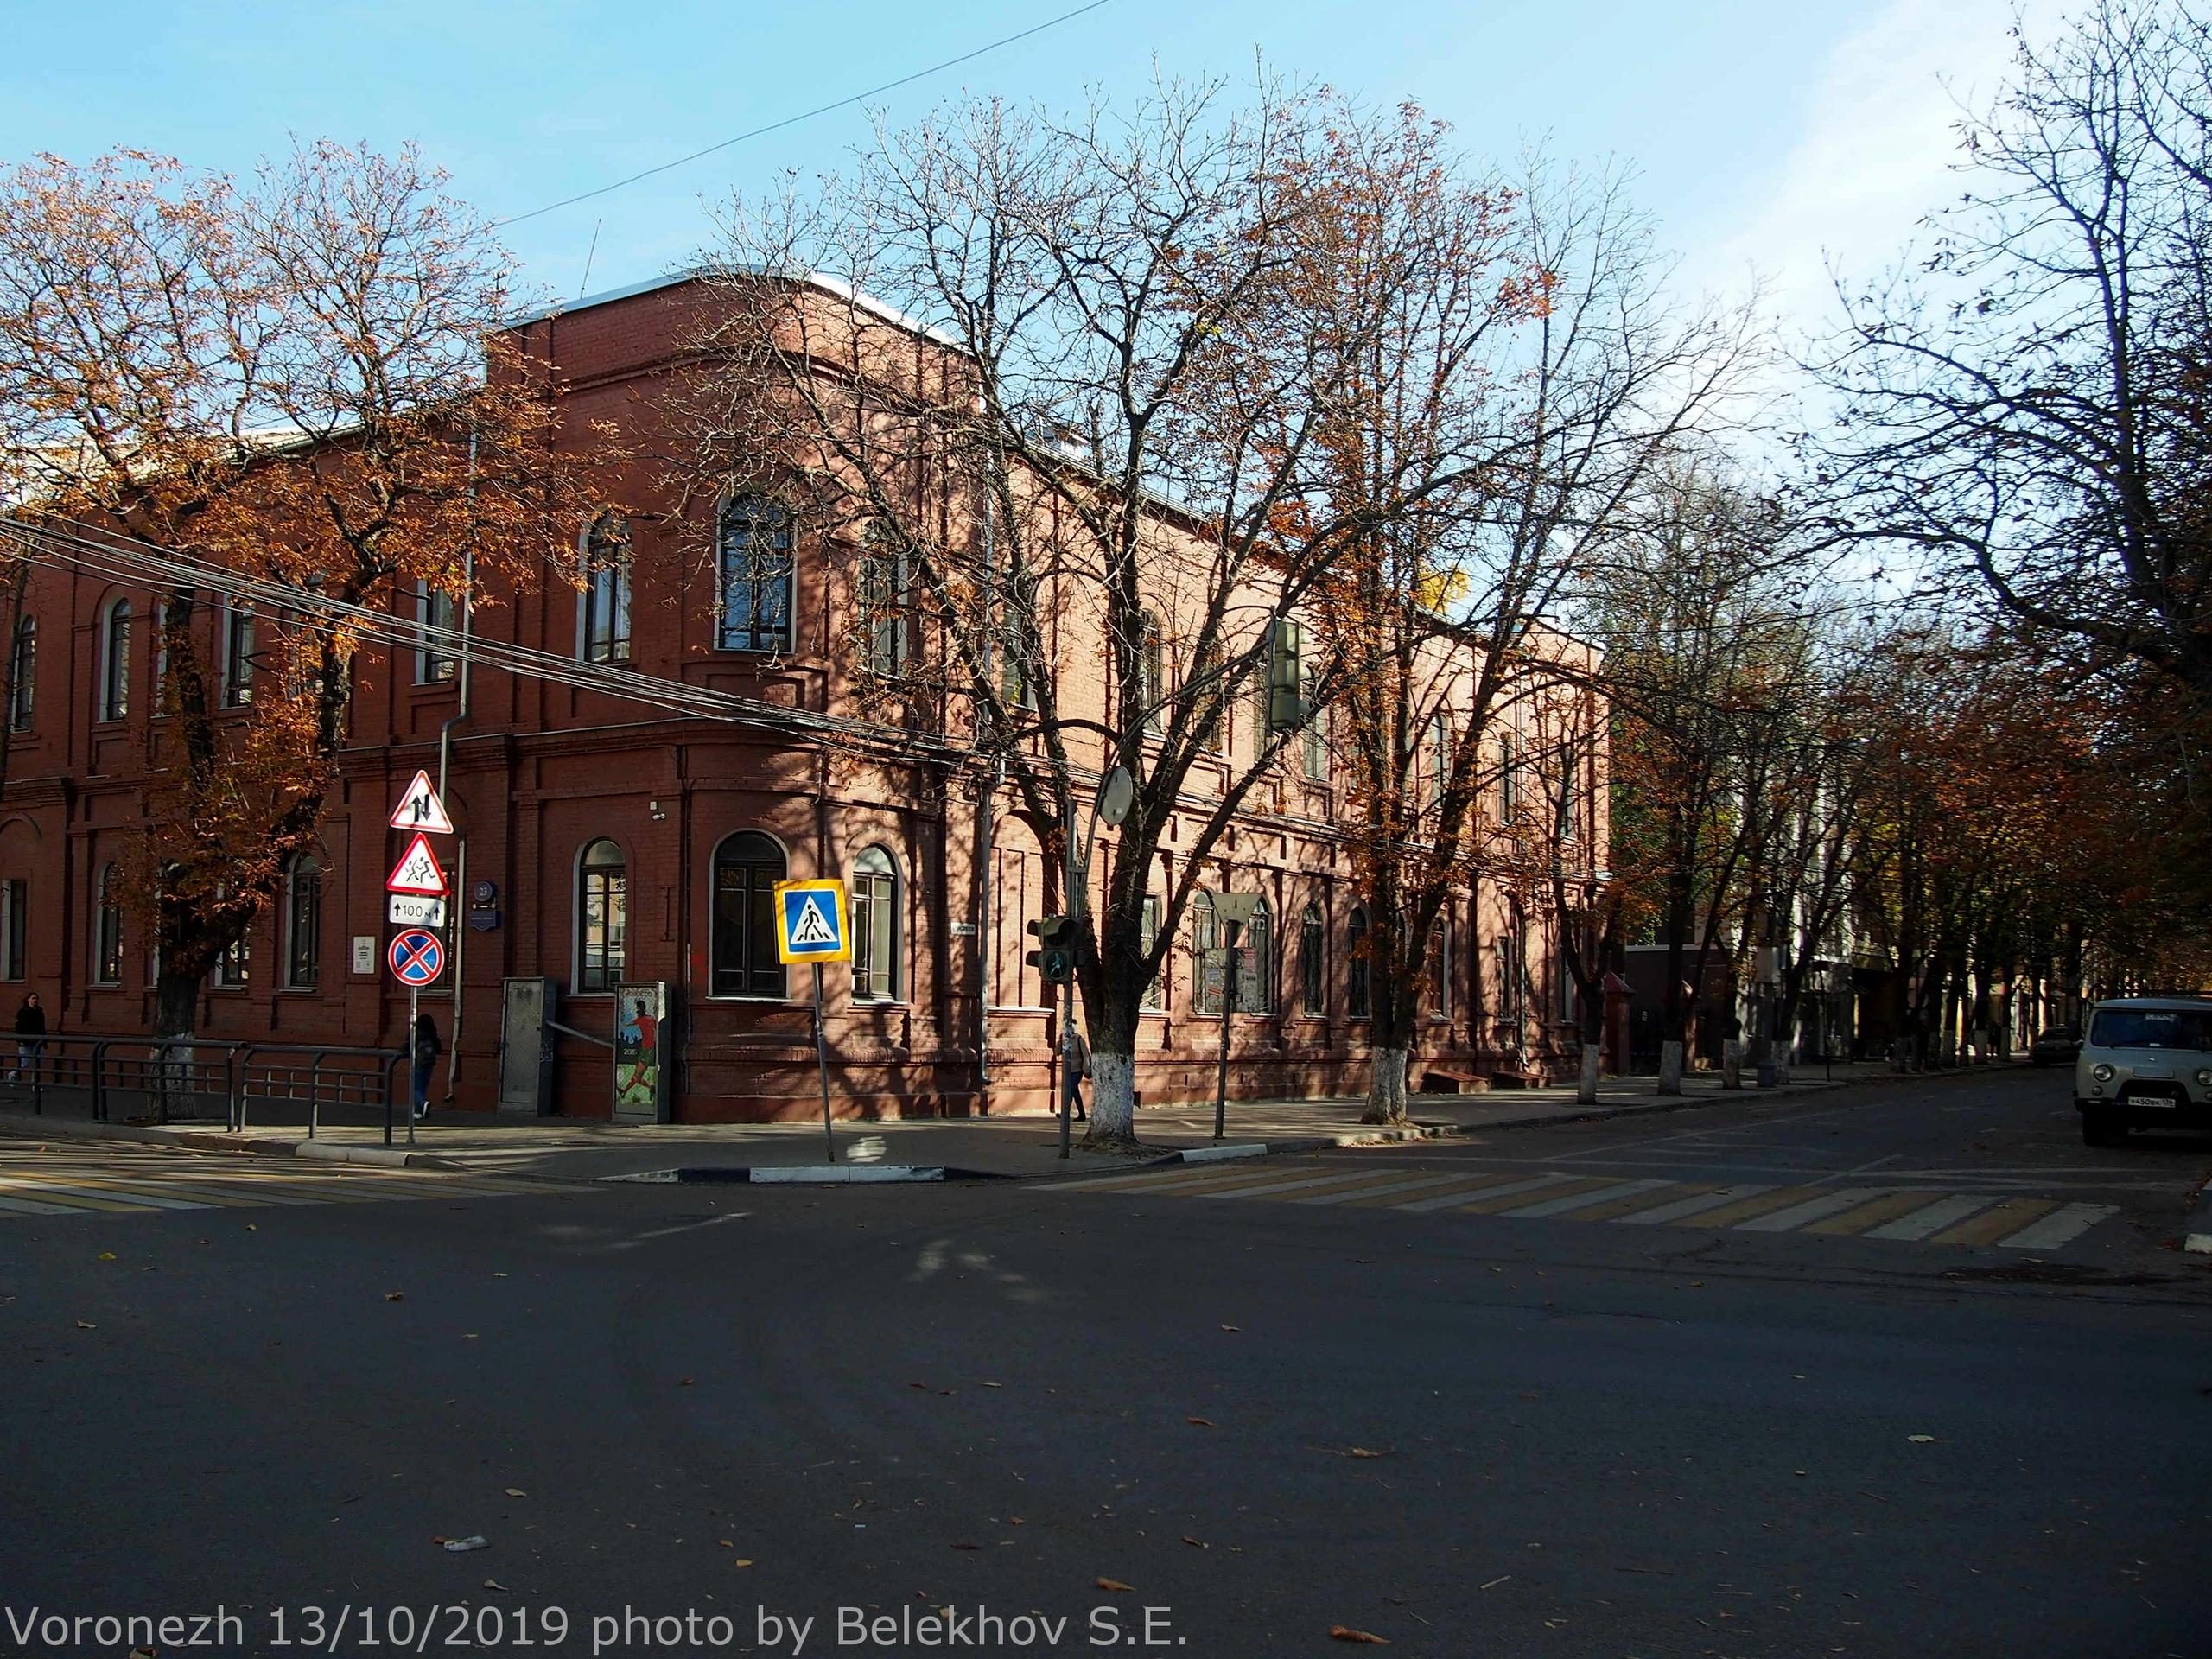 Воронеж, осень